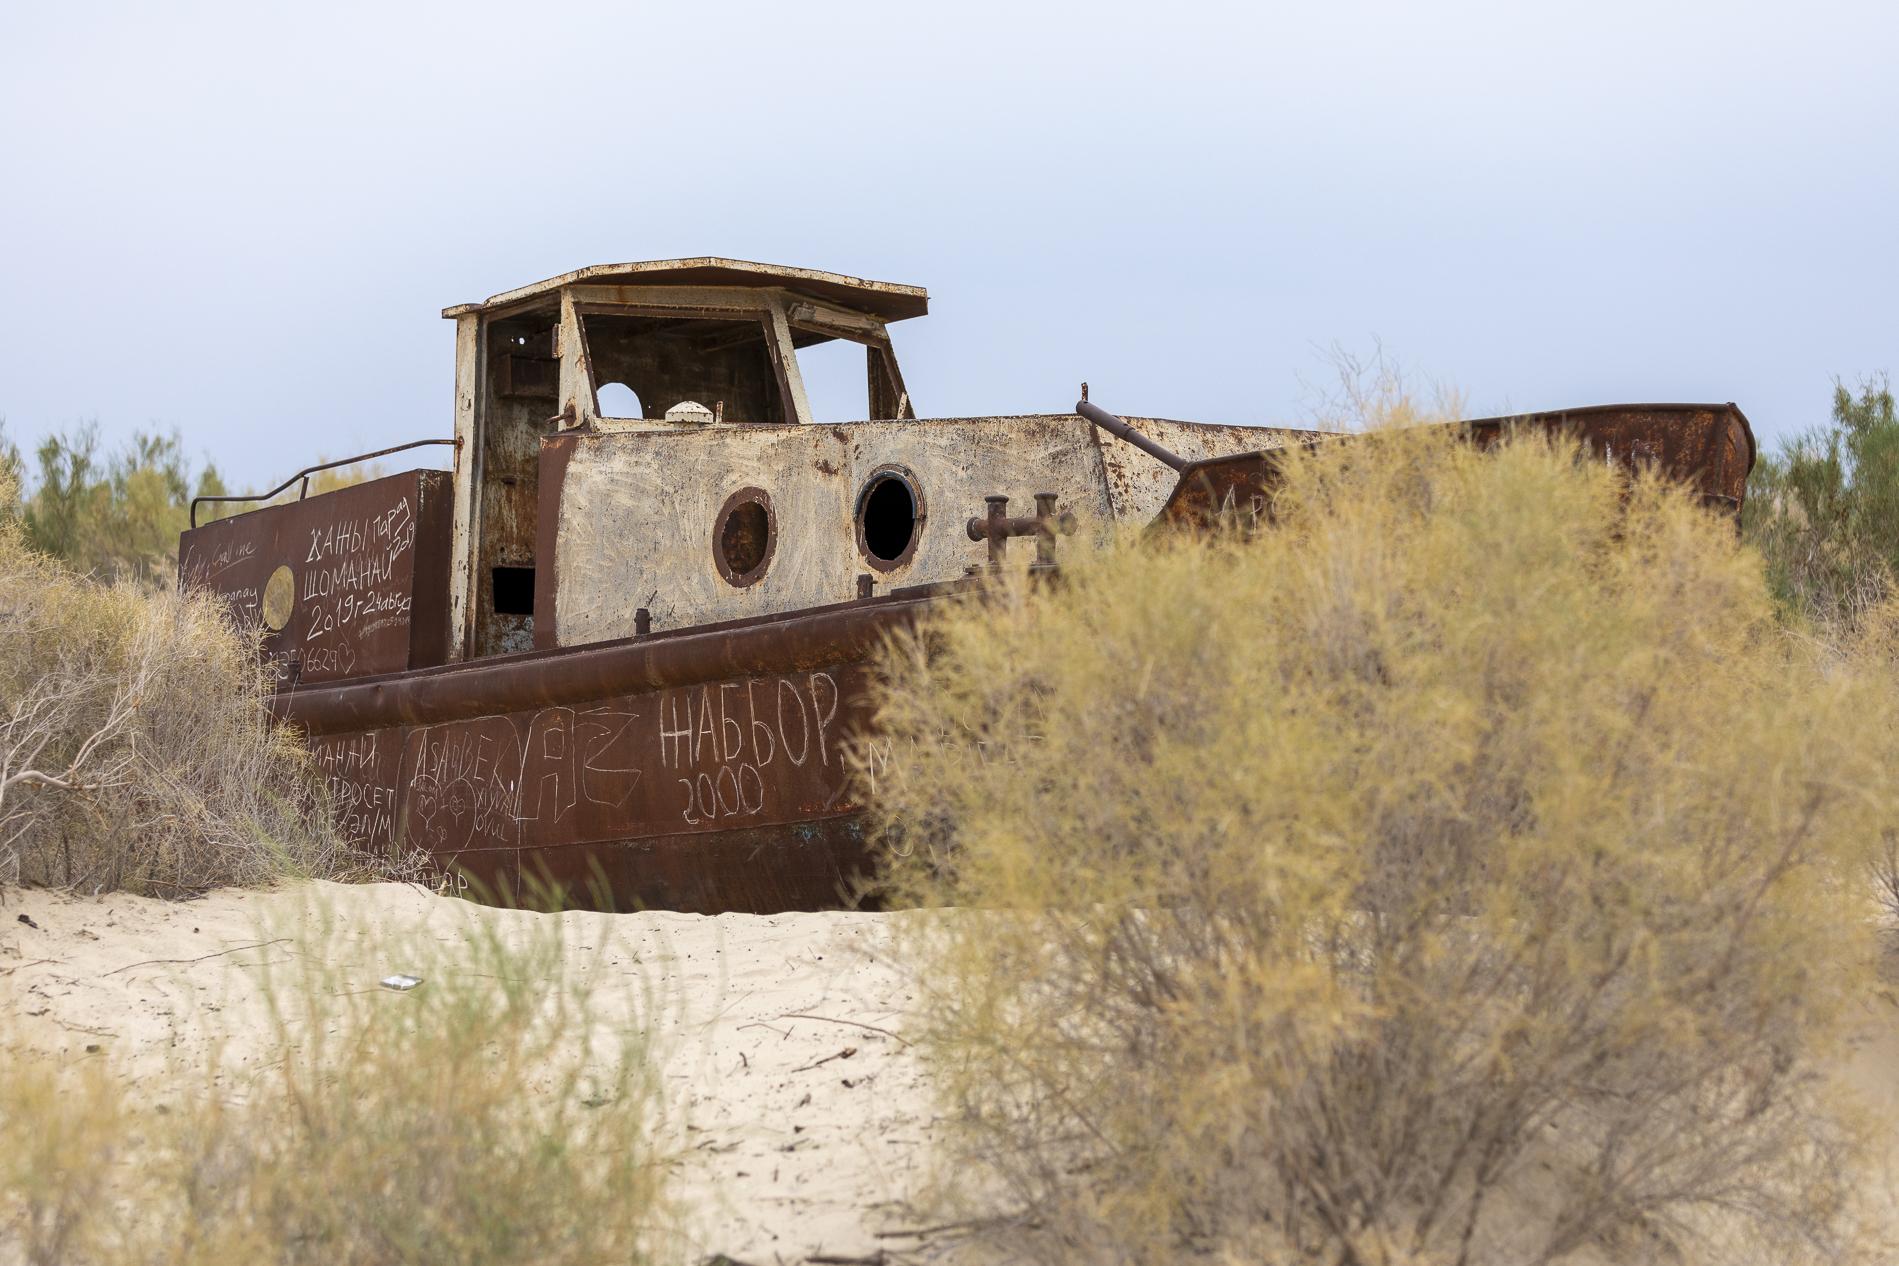 Moniaq Cimitero delle barche